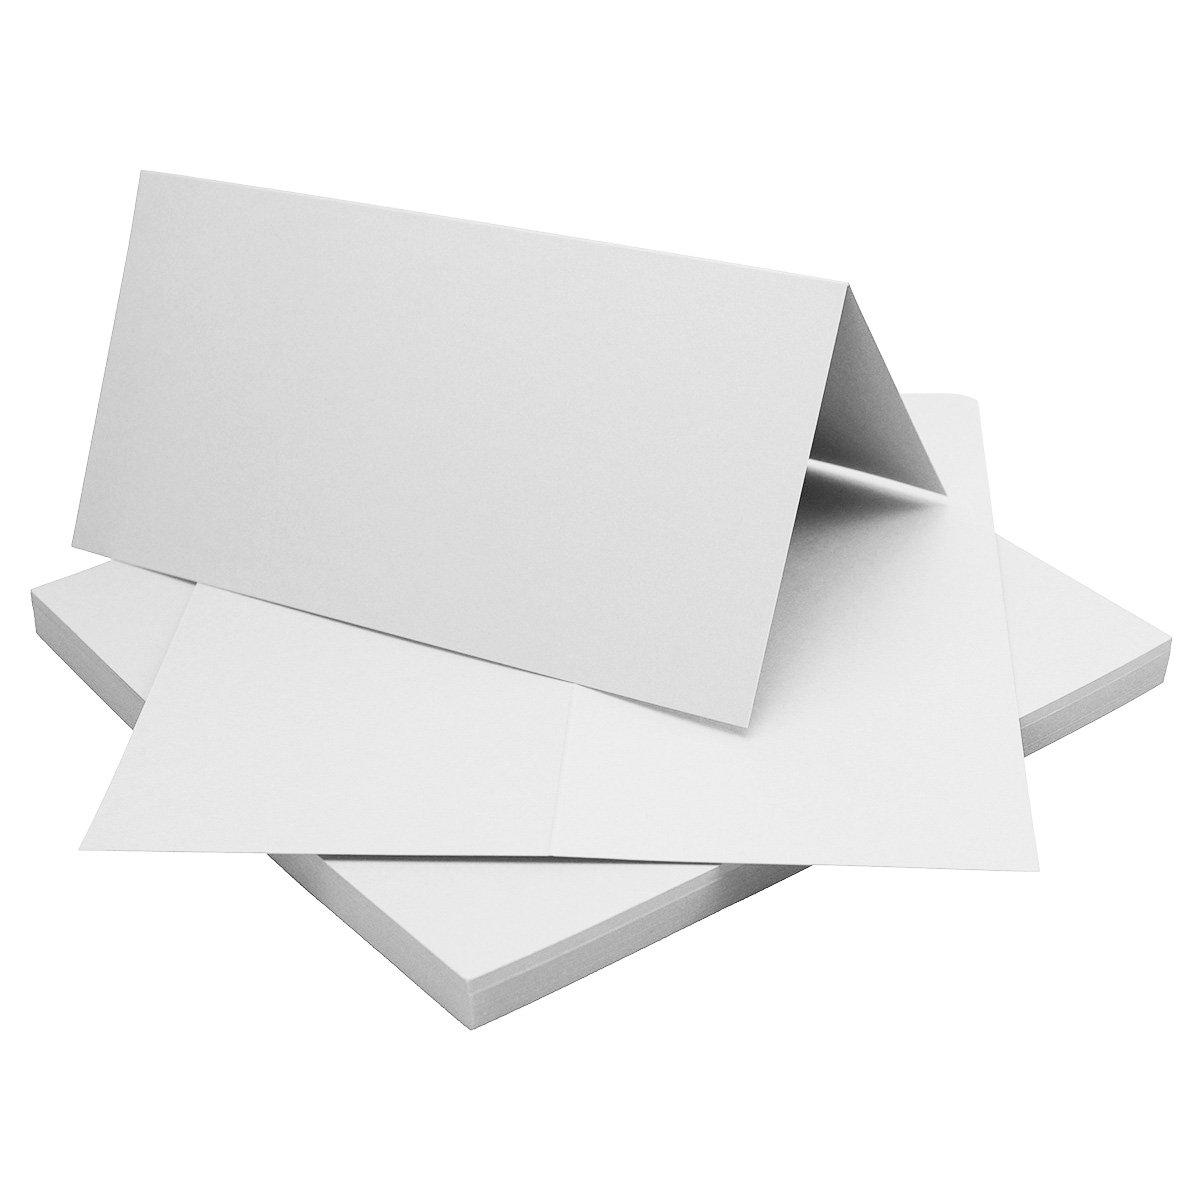 700 Faltkarten Din Lang - Hellgrau - Premium Qualität - 10,5 x 21 cm - Sehr formstabil - für Drucker Geeignet  - Qualitätsmarke  NEUSER FarbenFroh B07FKSD54Z | Neueste Technologie